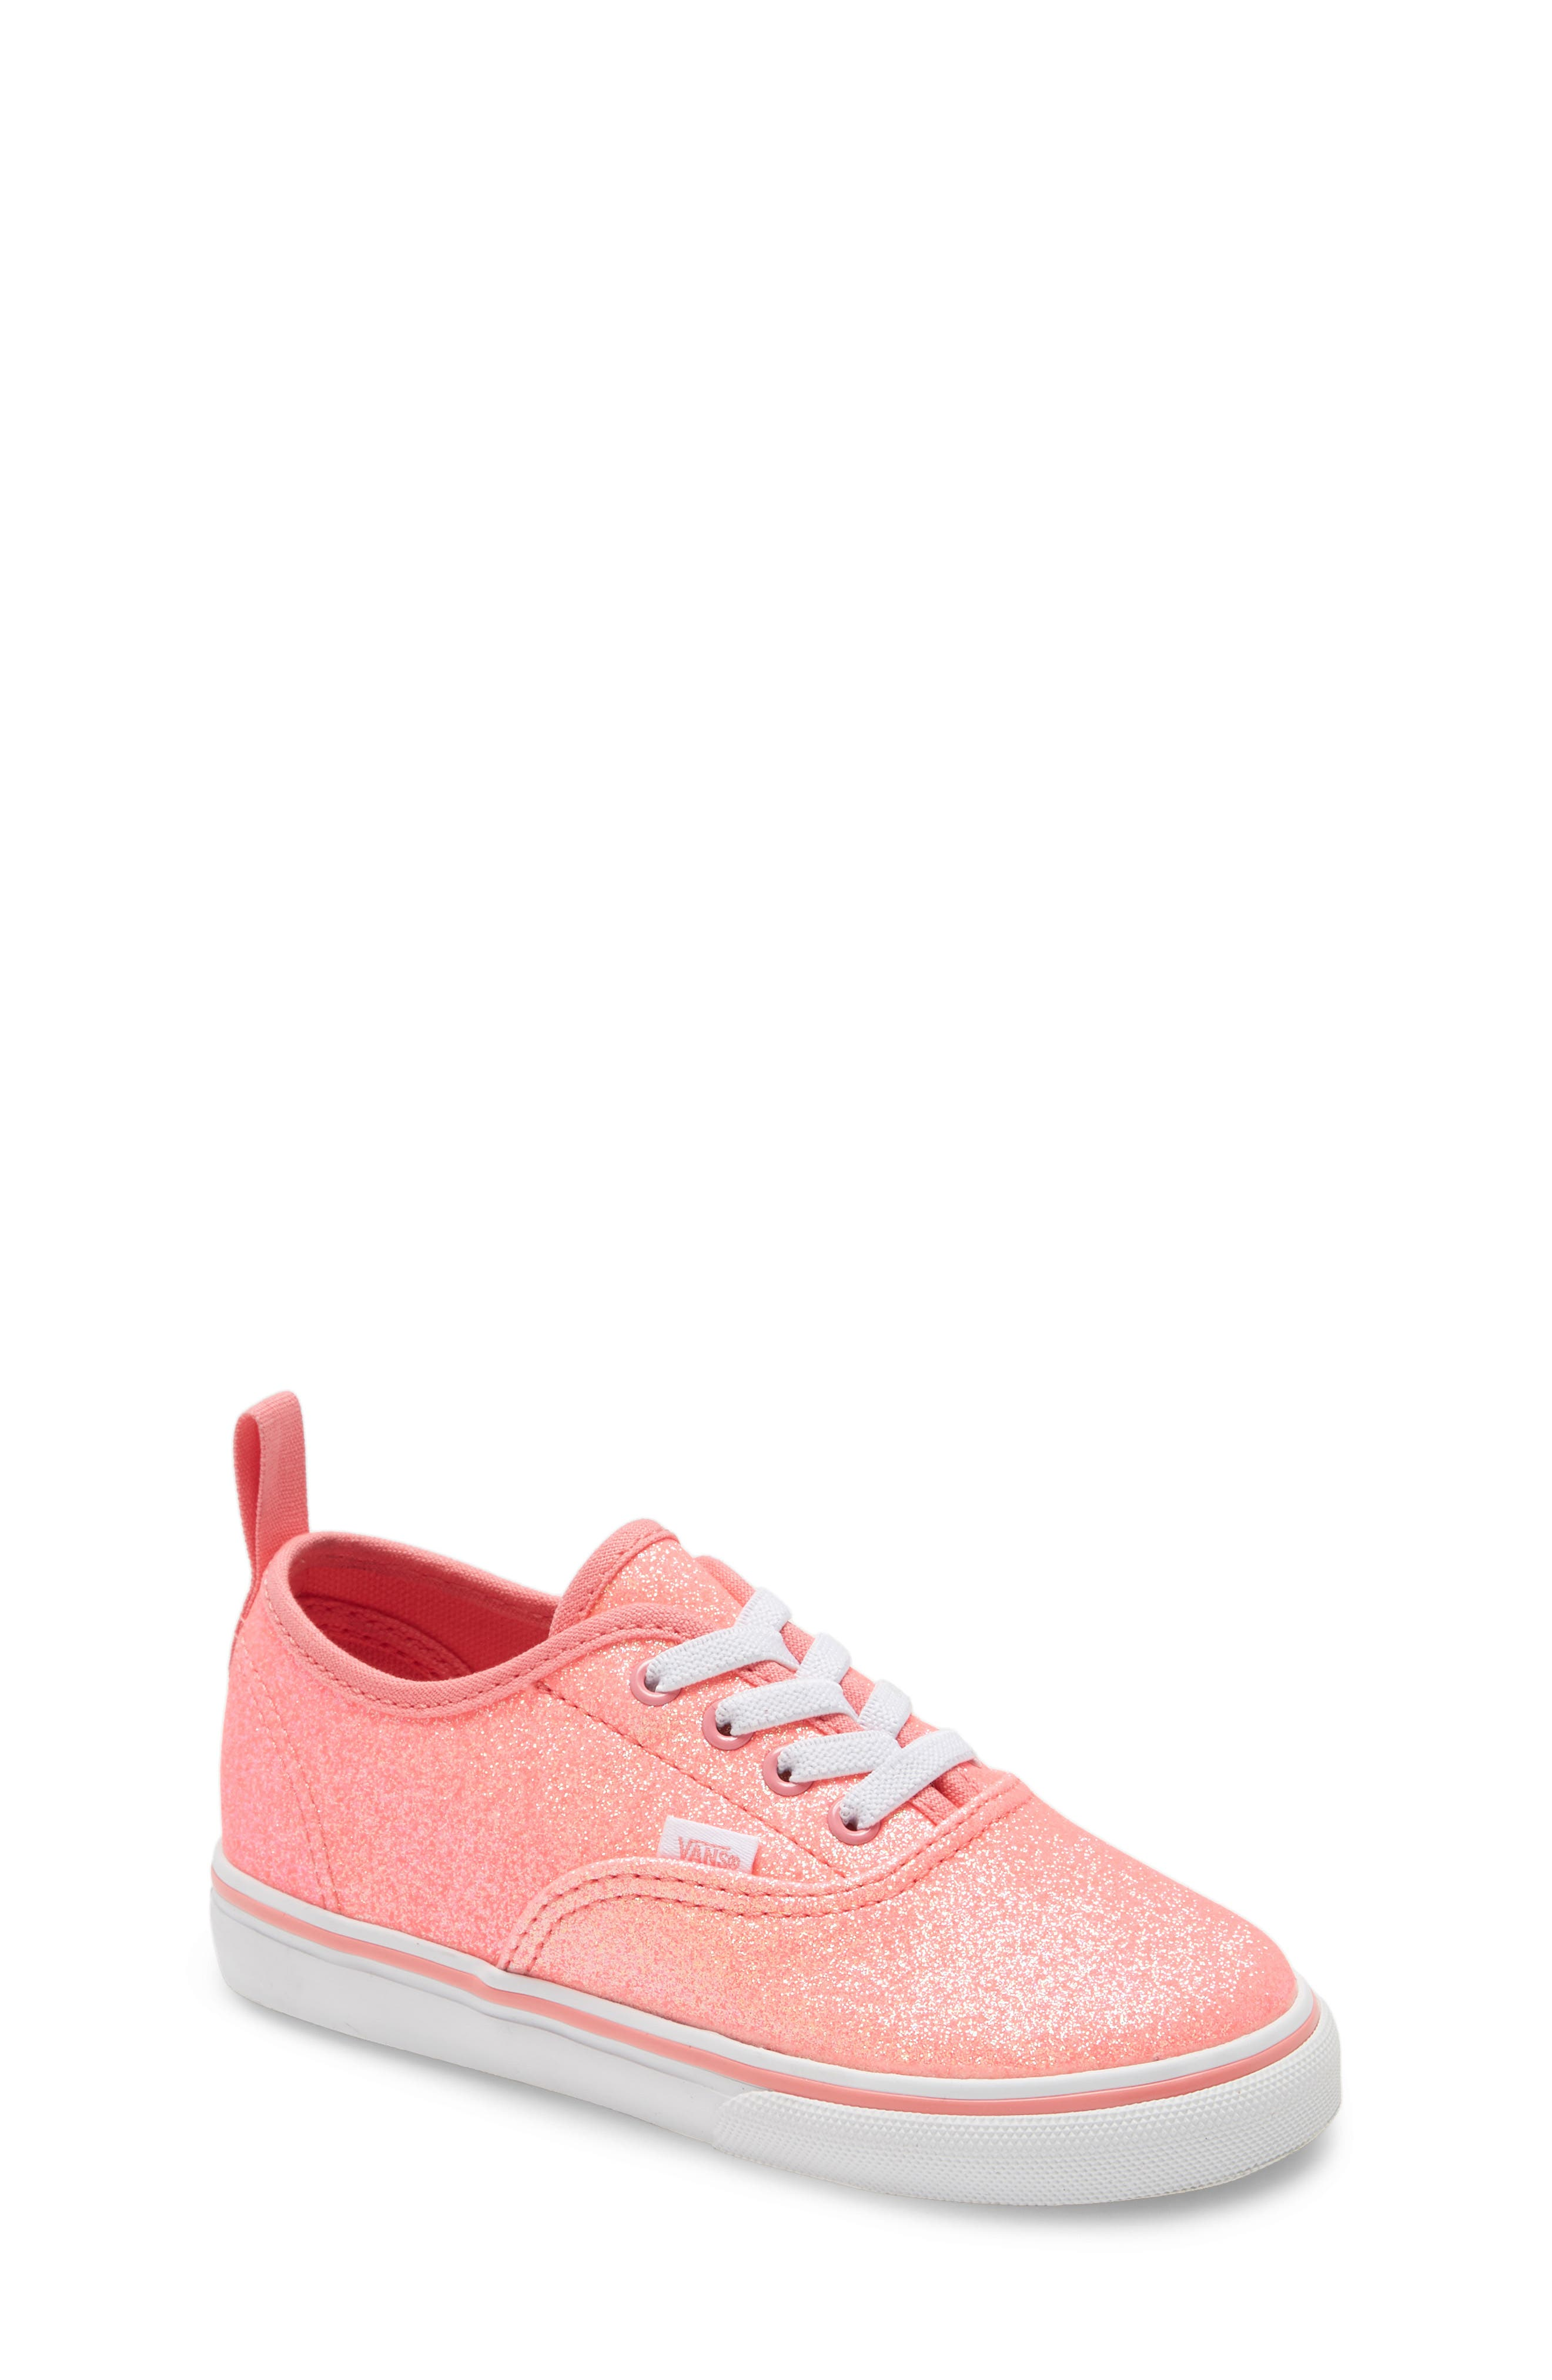 Vans Babies' Authentic Glitter Sneaker